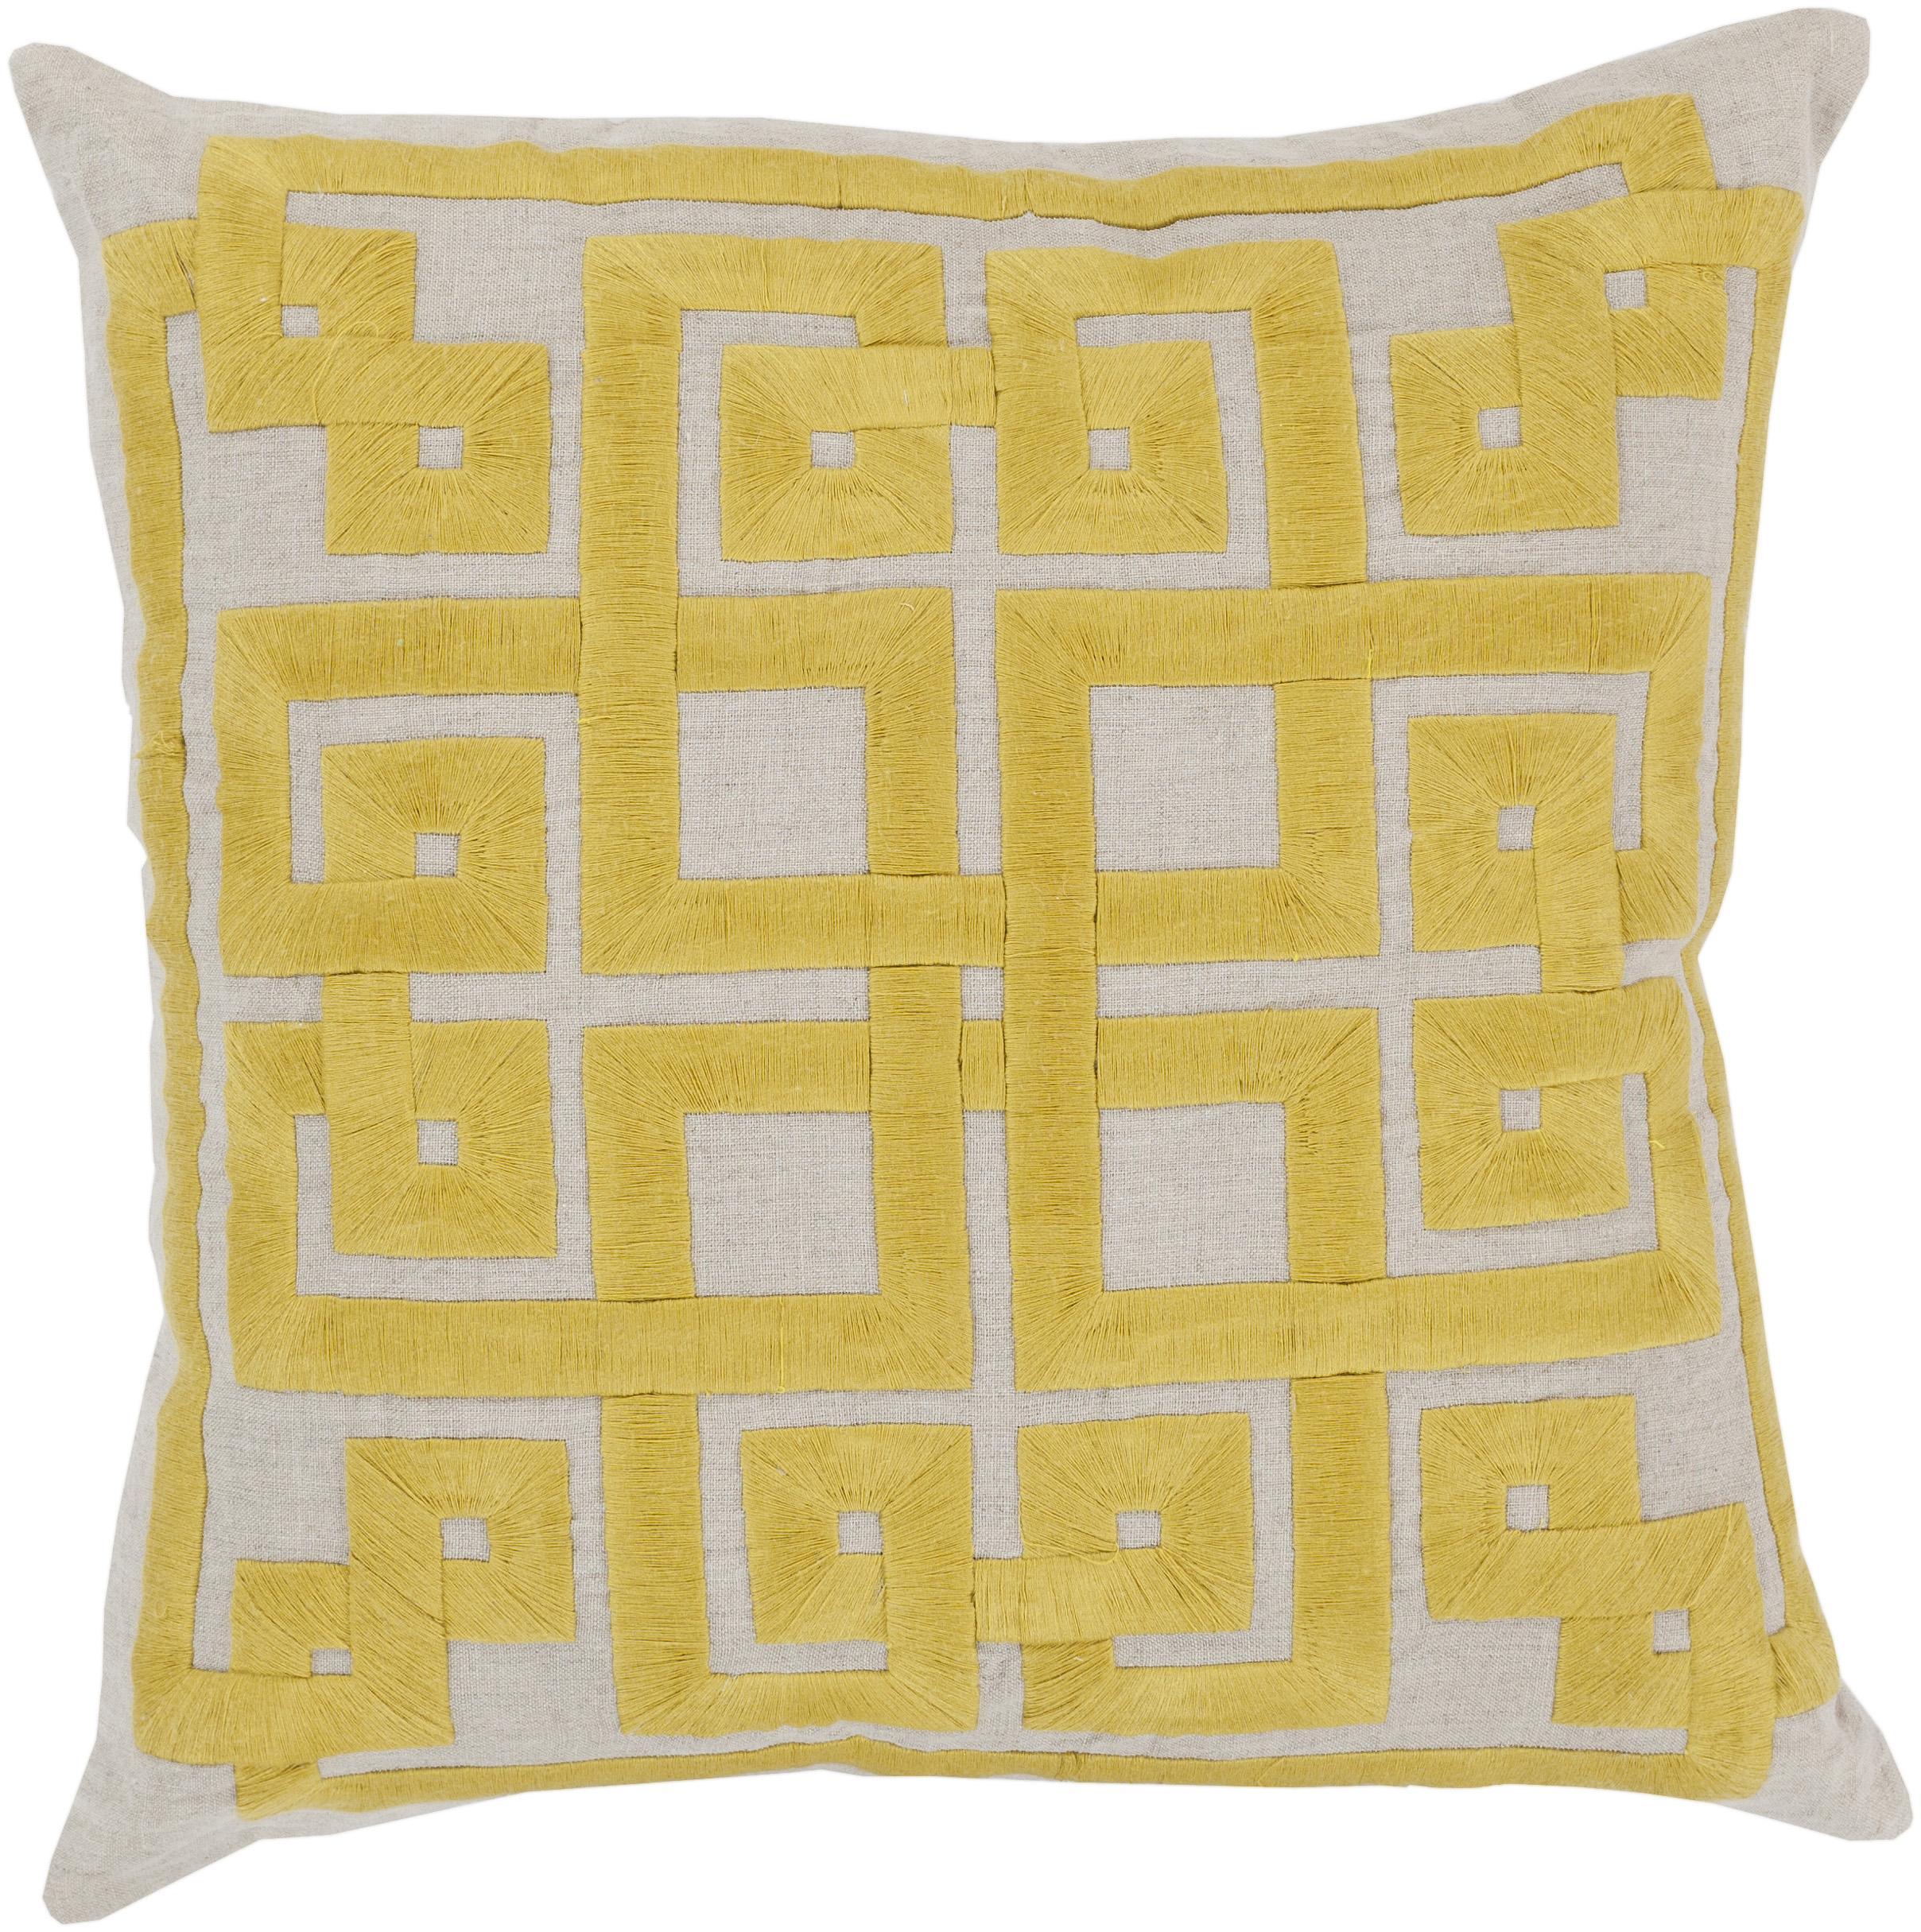 """Surya Pillows 18"""" x 18"""" Pillow - Item Number: LD005-1818P"""